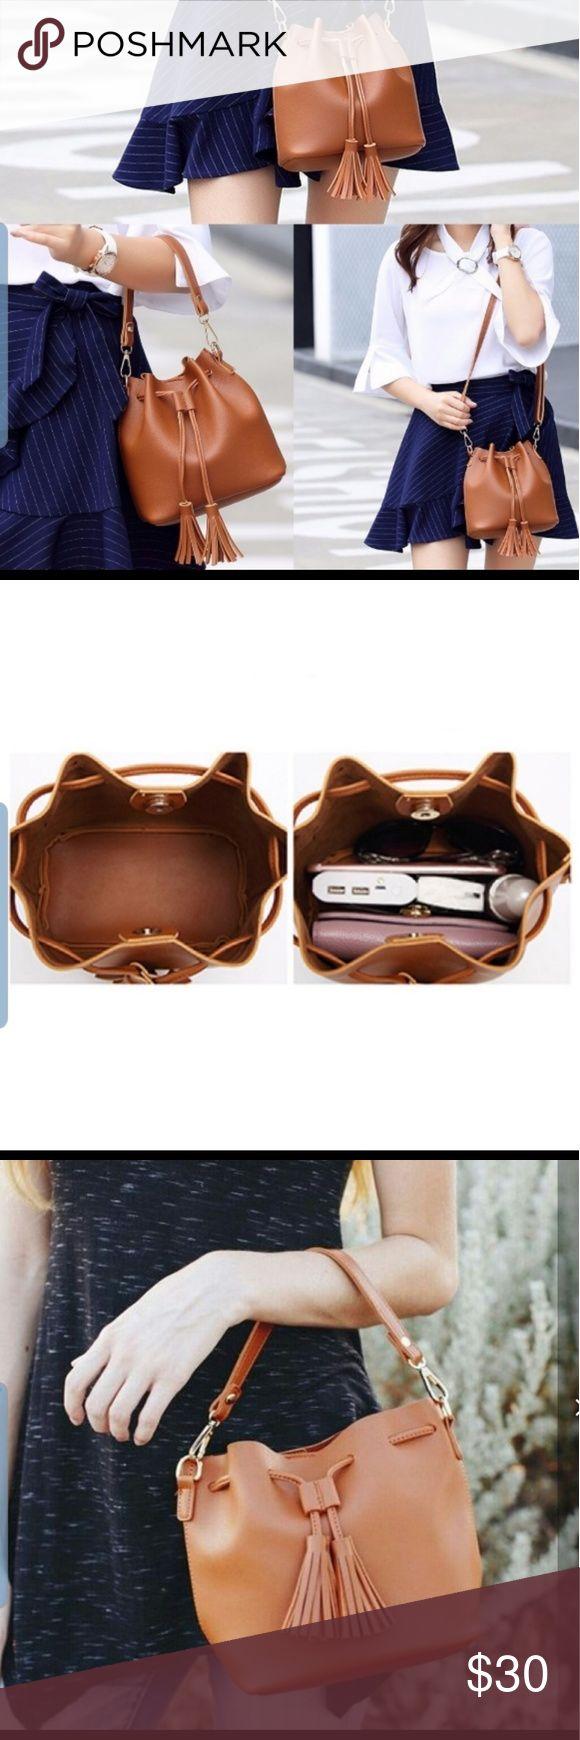 Kleine braune Einkaufstasche aus Kunstleder. NWT Süßer Kordelzug aus Kunstleder …